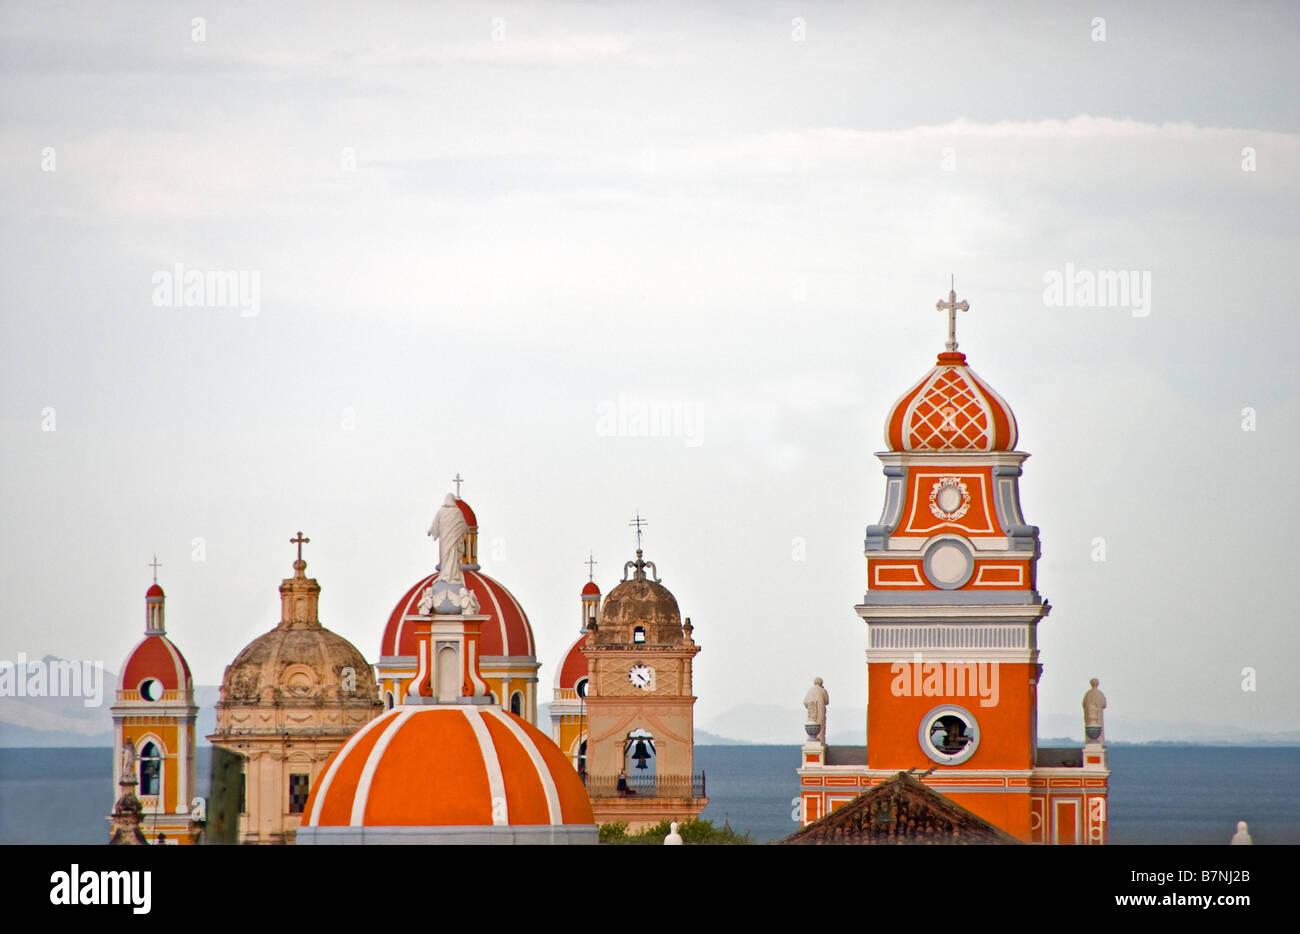 Colonial Granada architettura, Cattedrale chiese e campanili, affacciato sul lago di Nicaragua Immagini Stock